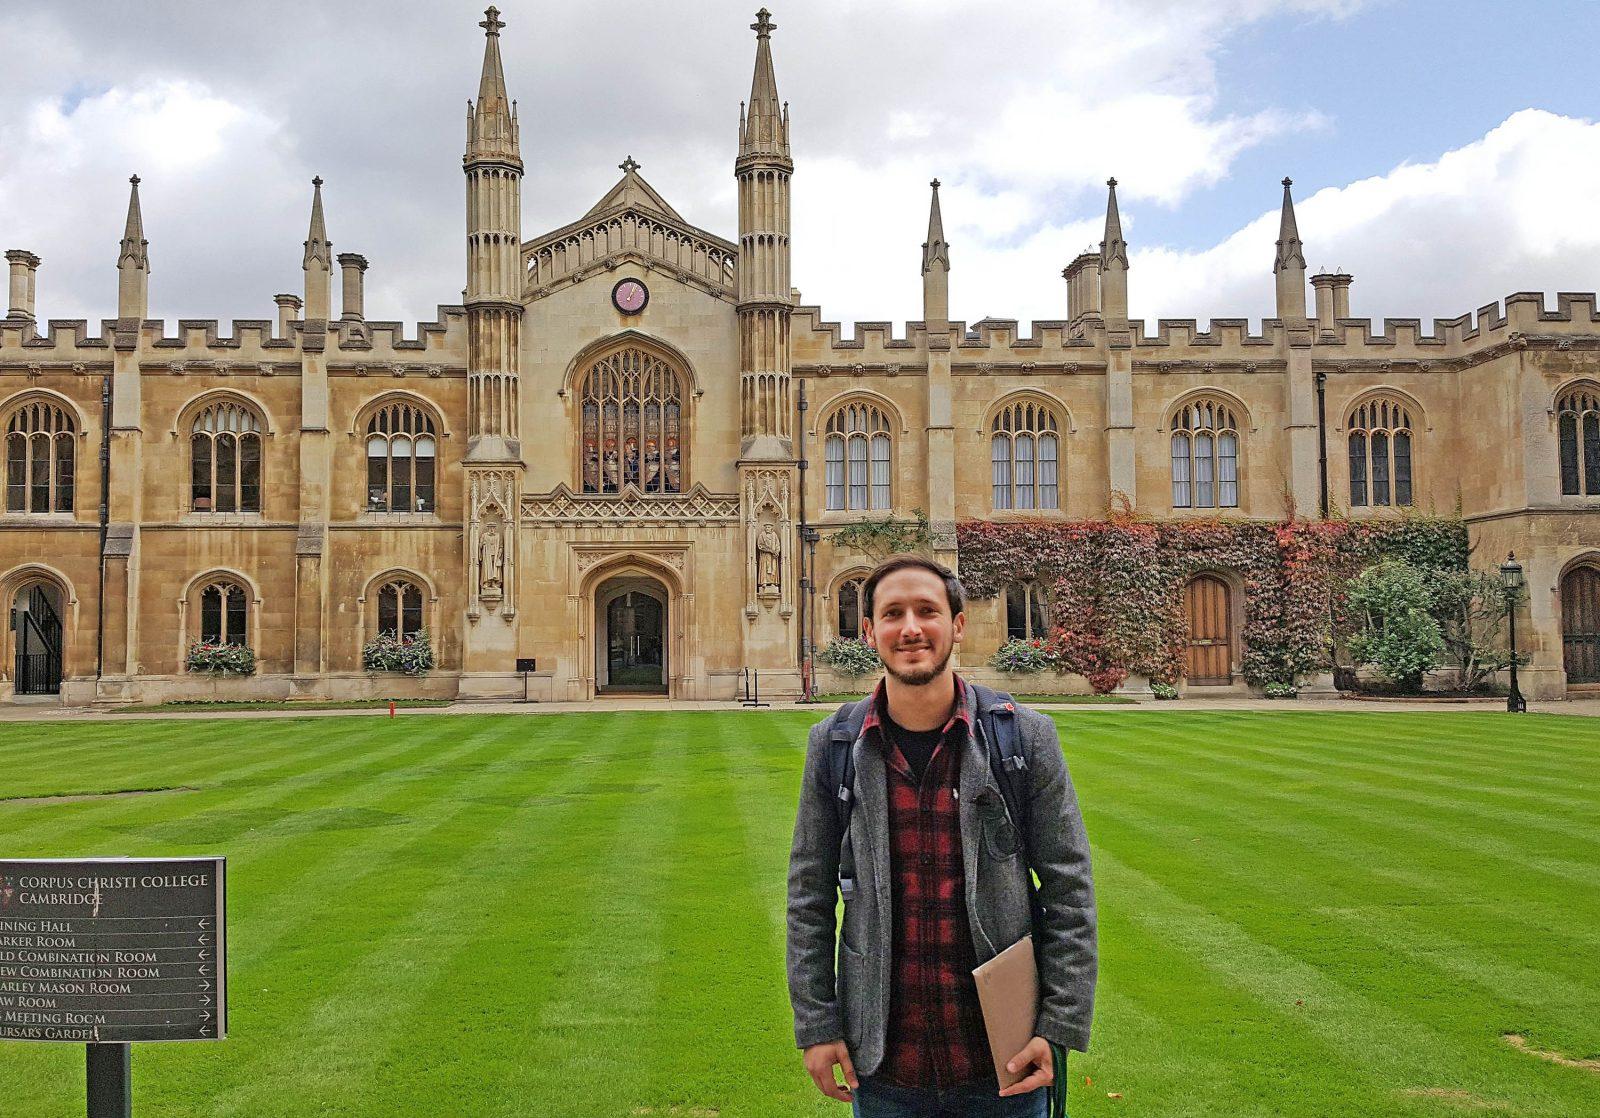 University of Cambridge - Public Building in Cambridge